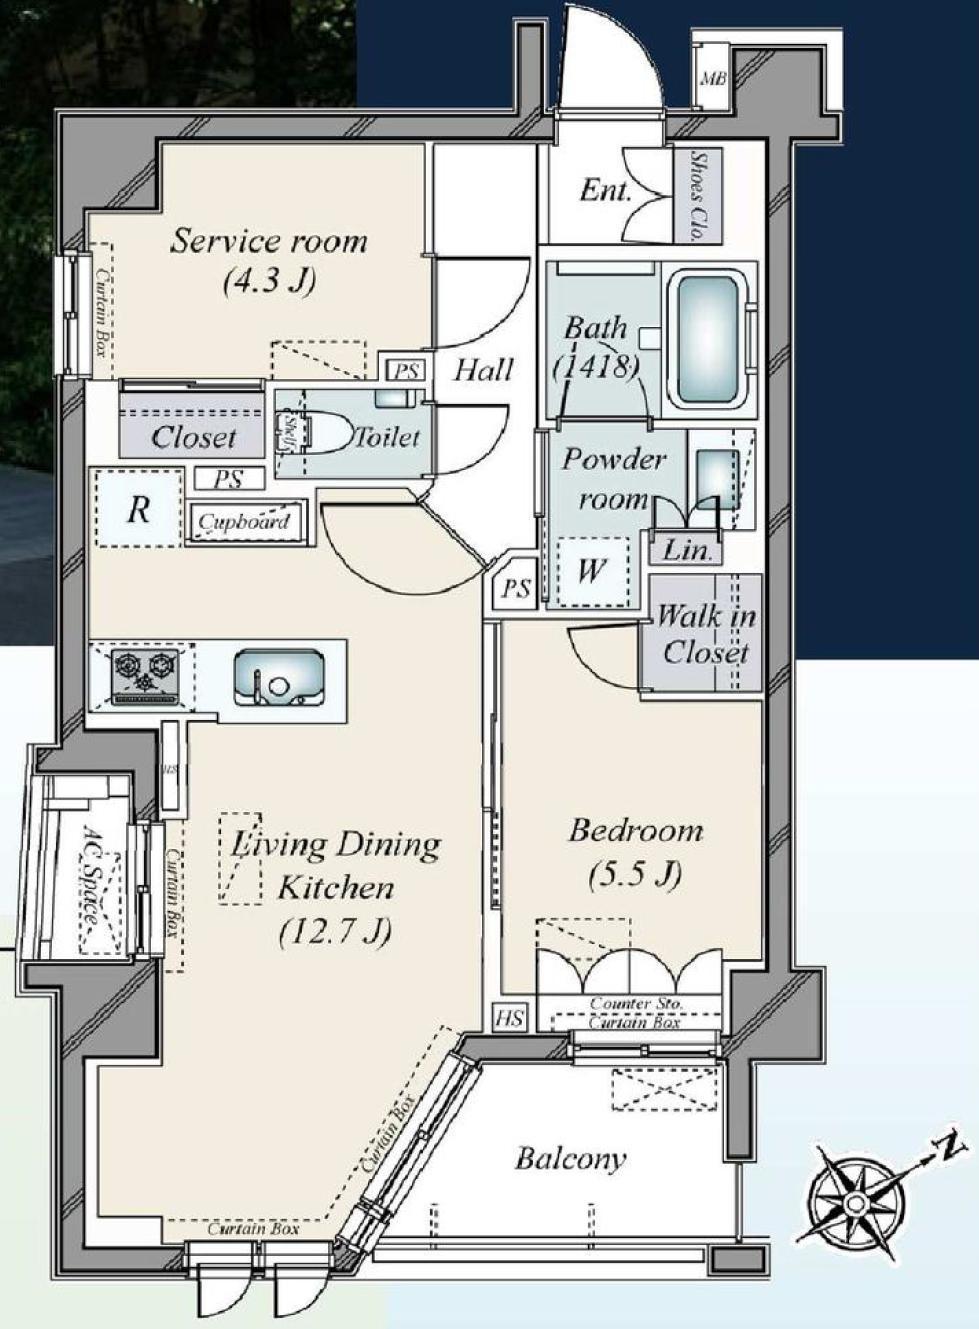 オープンレジデンシア代官山ザ・ハウス 冷暖房効果を高める複層ガラス 間取り図